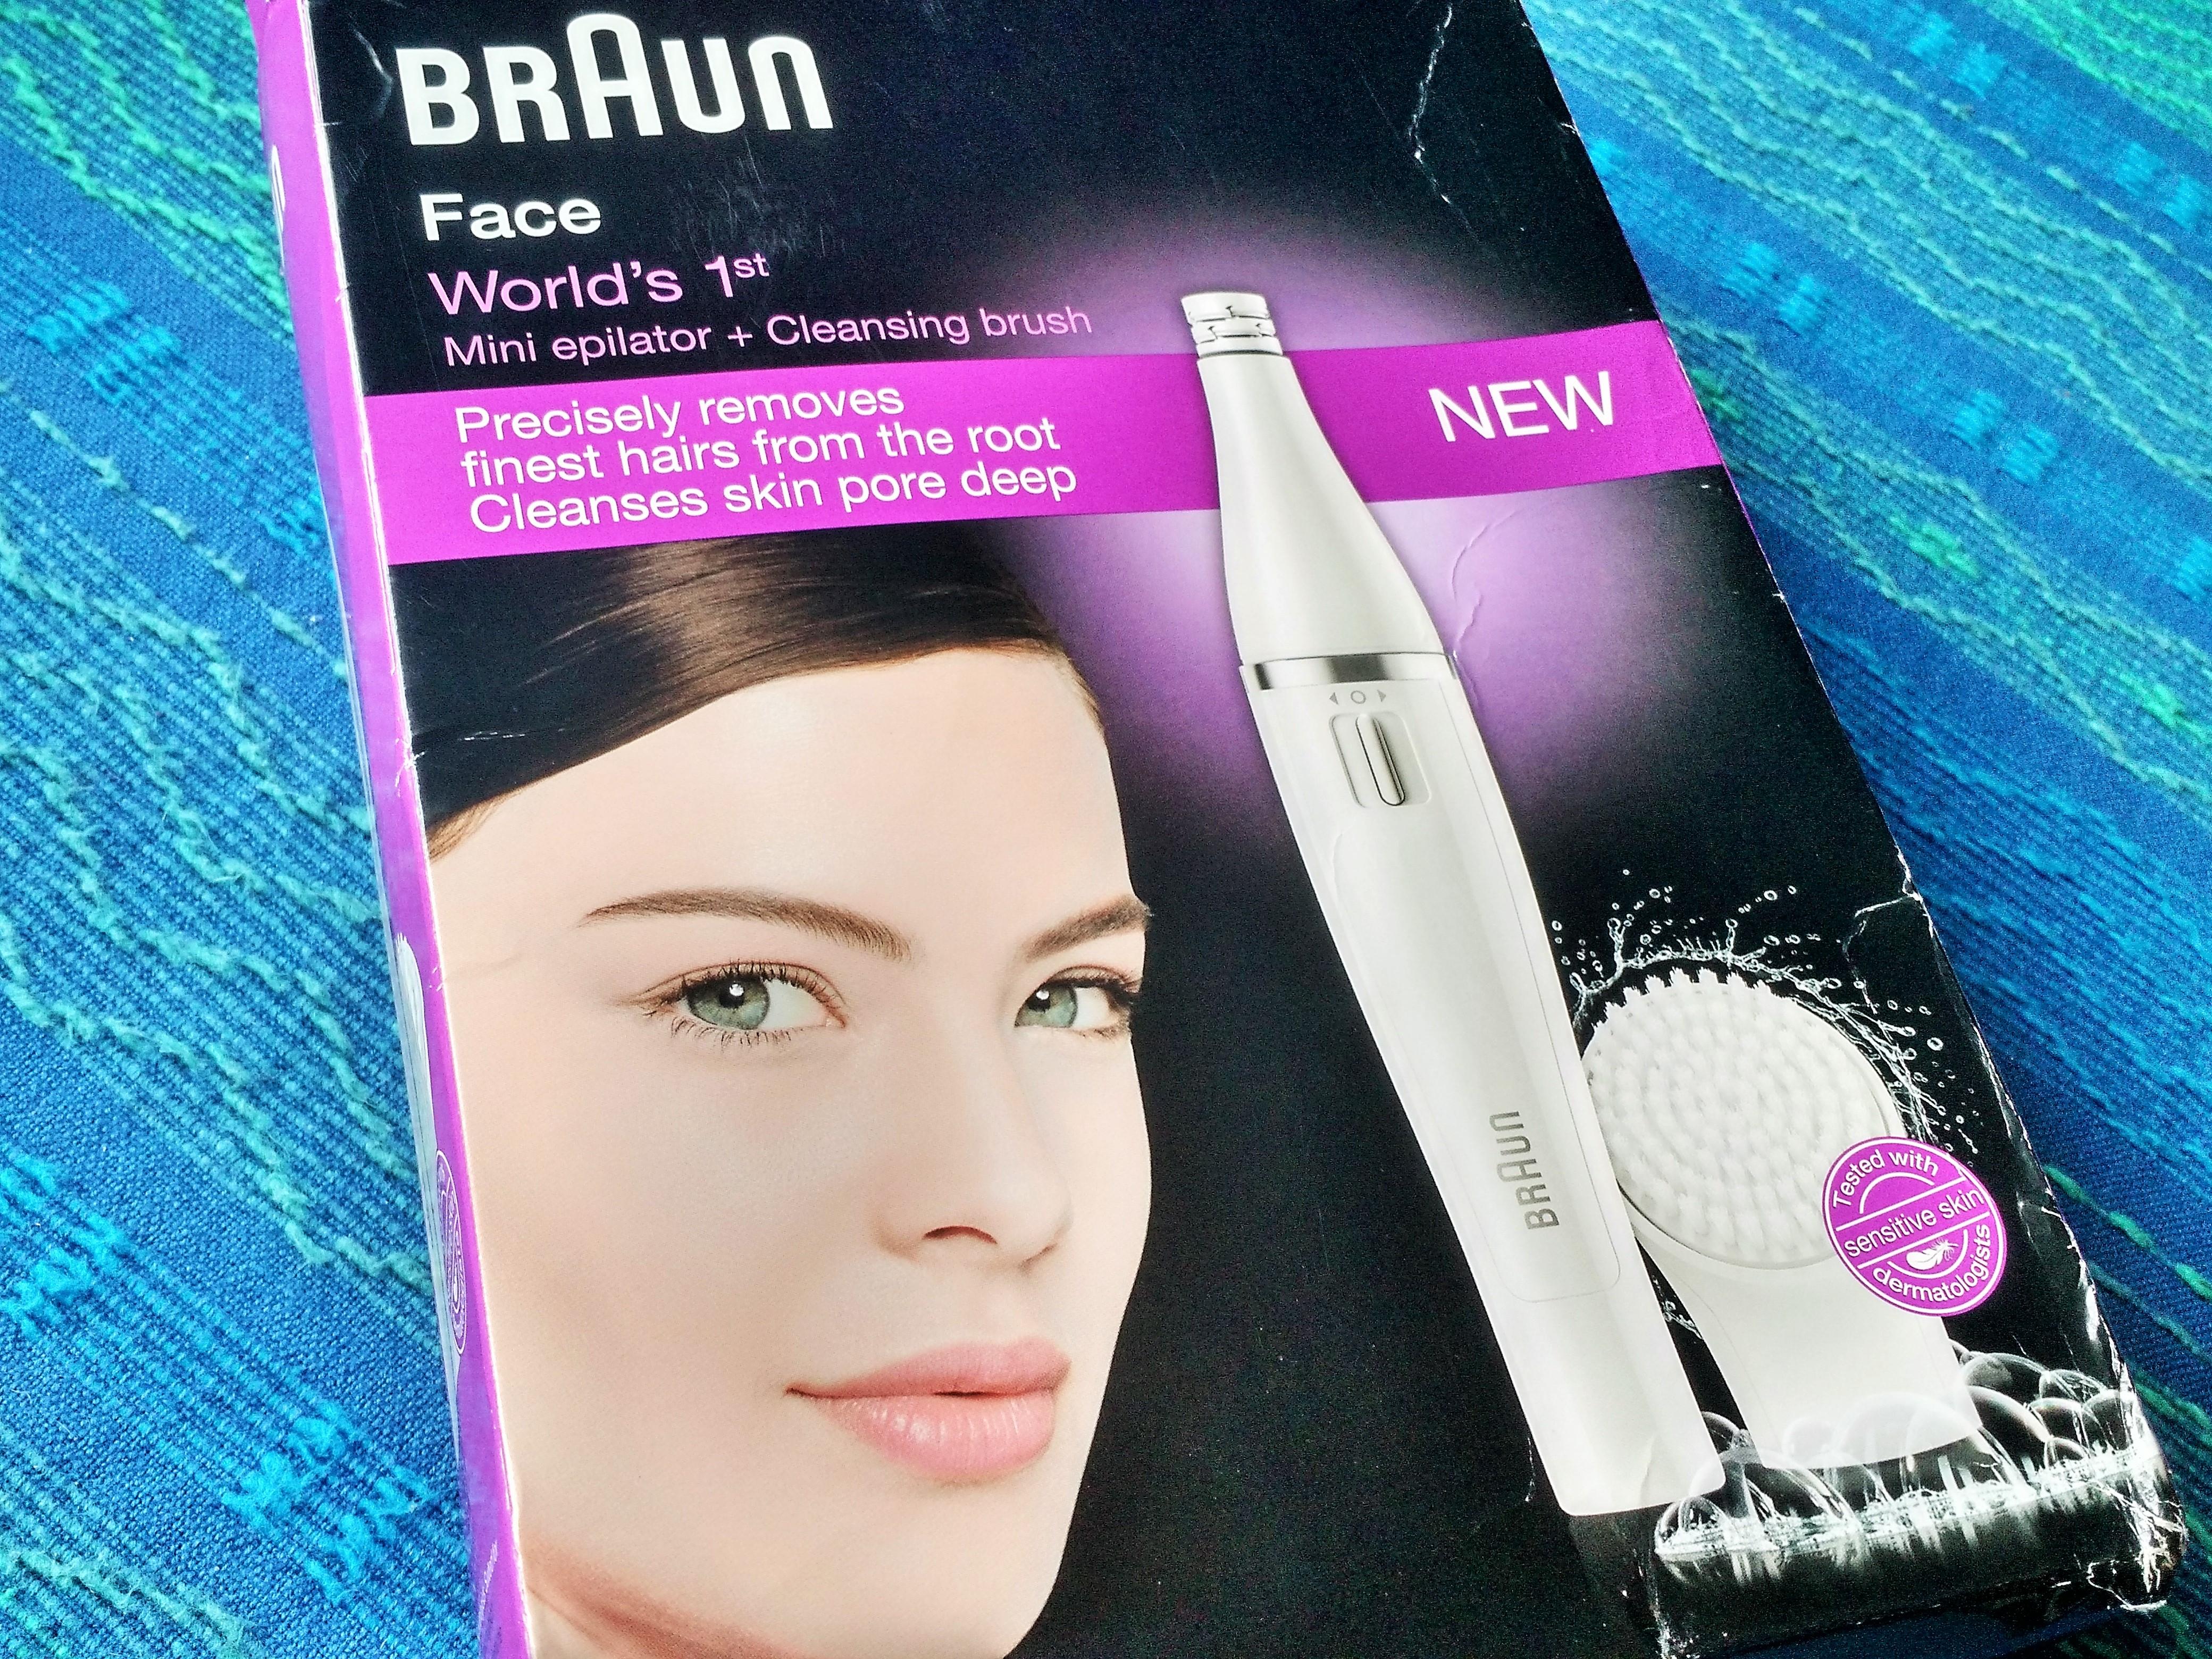 Braun Face Mini Epilator + Cleansing Brush